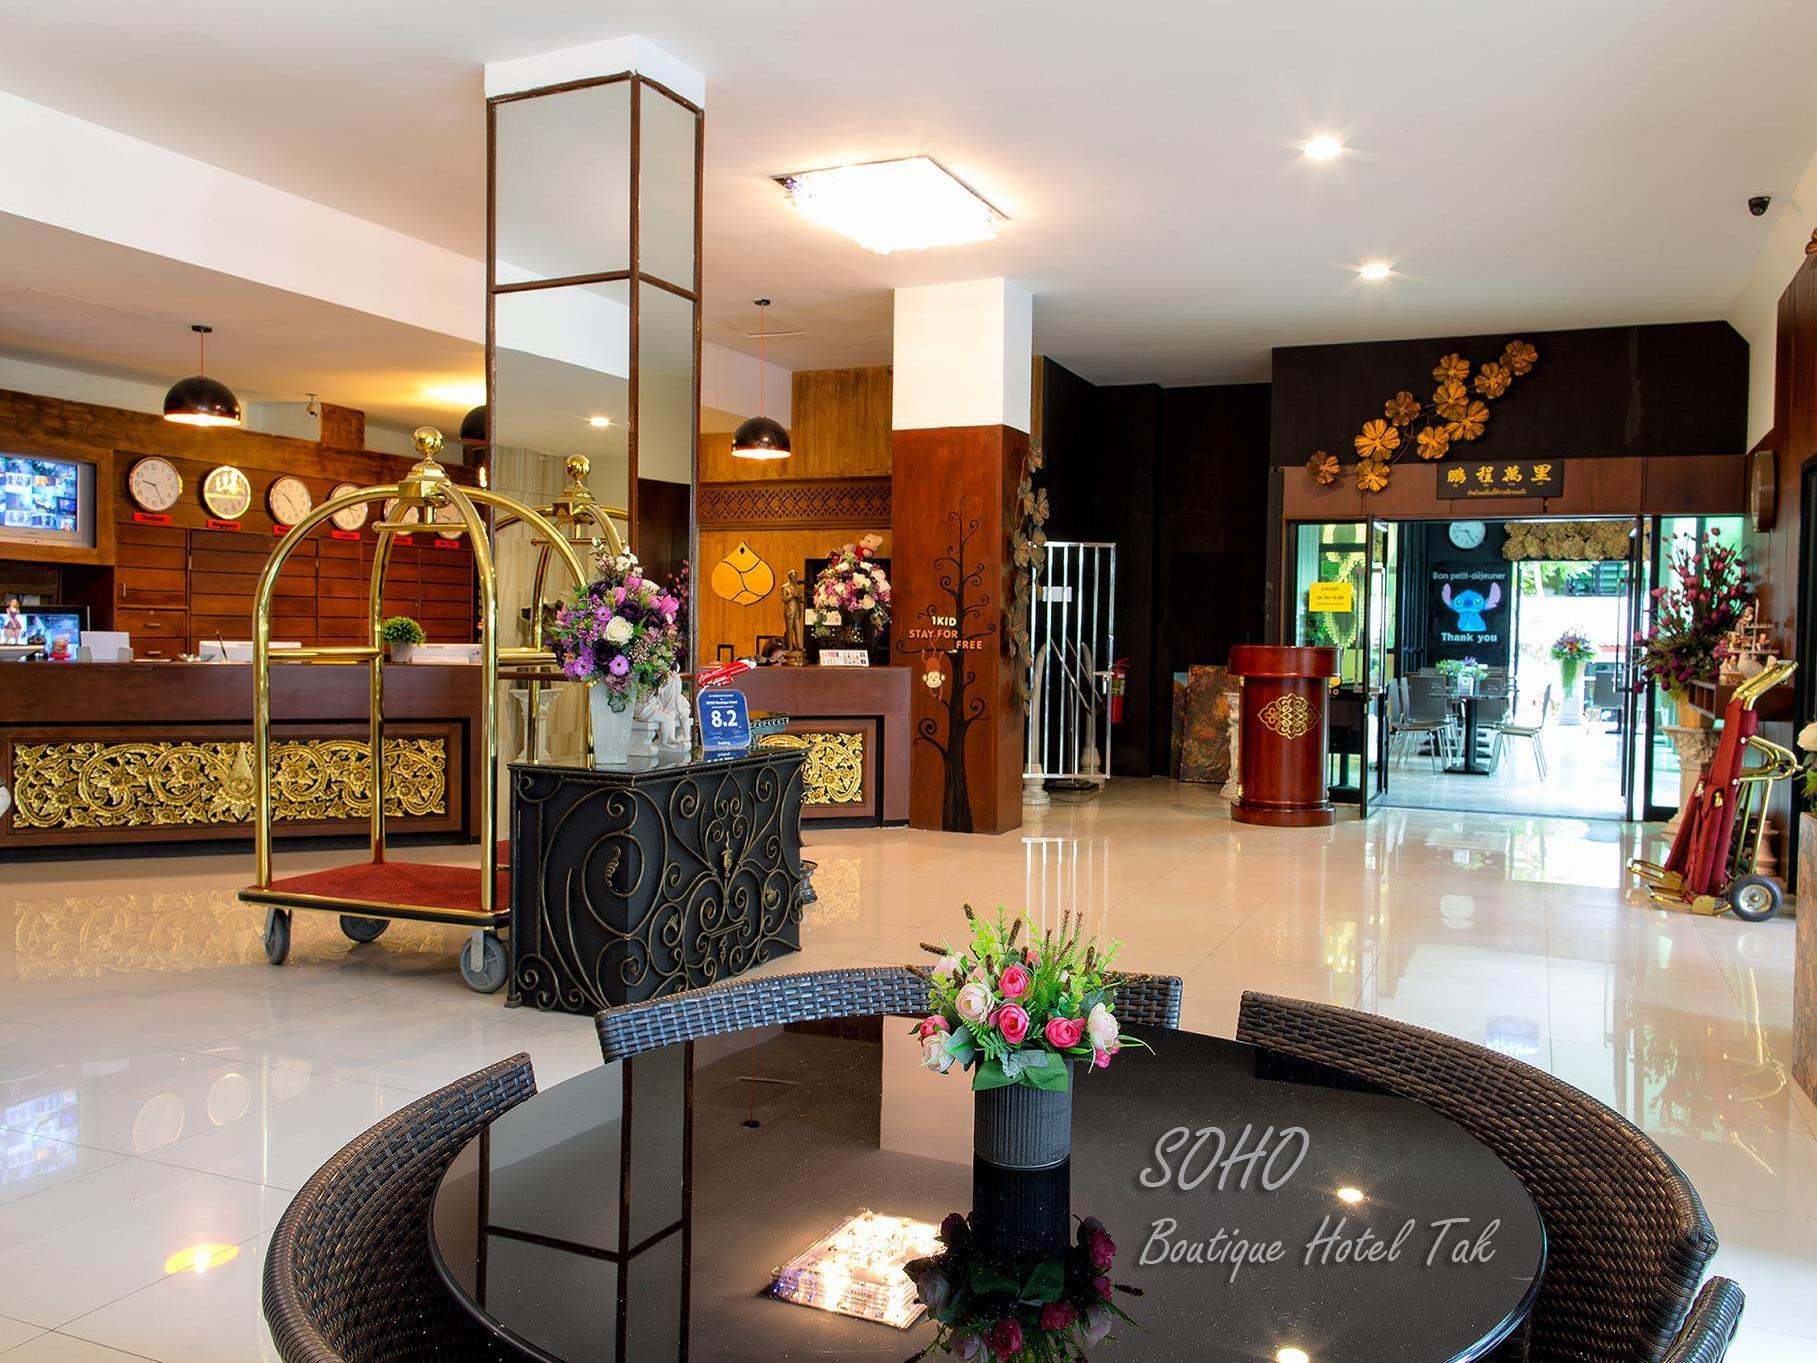 Soho Boutique Hotel - Tak